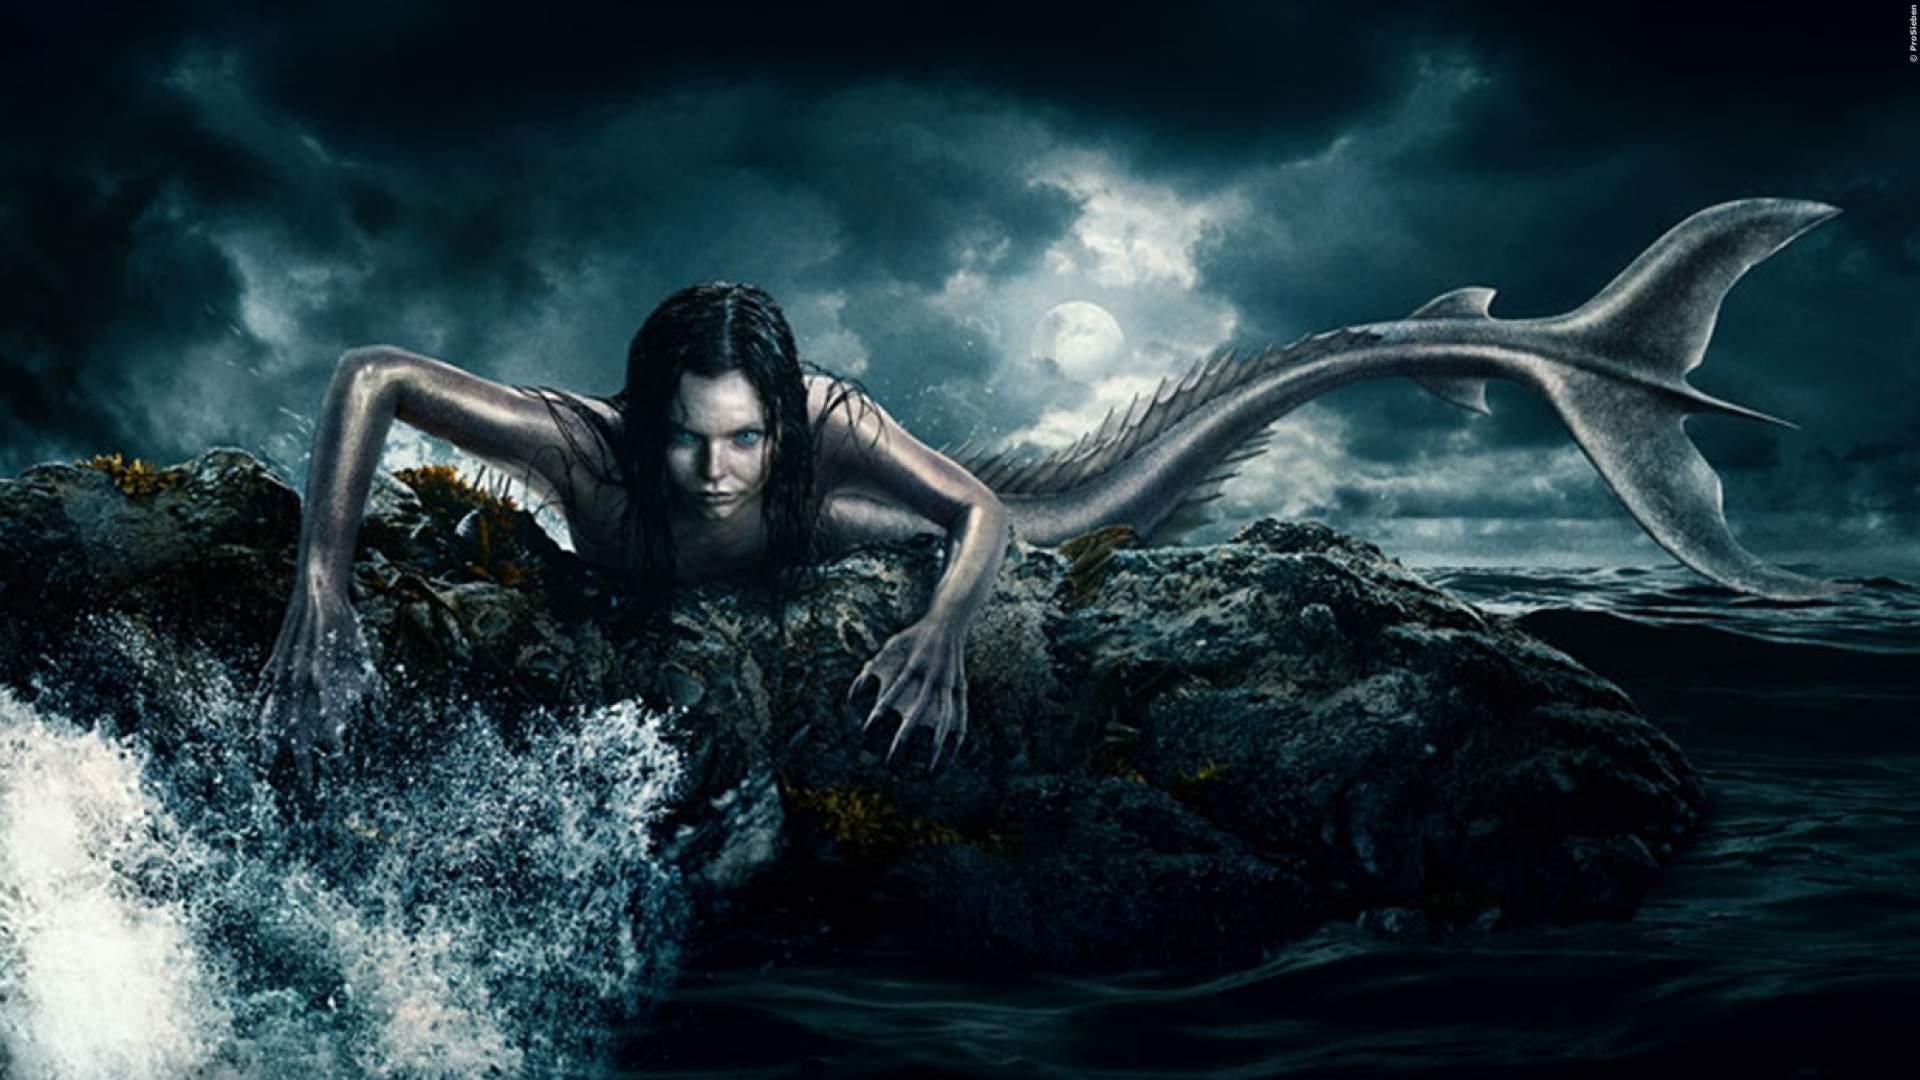 FORTSETZUNG: Kommt 'Mysterious Mermaids' Staffel 3 oder wird die Serie abgesetzt?